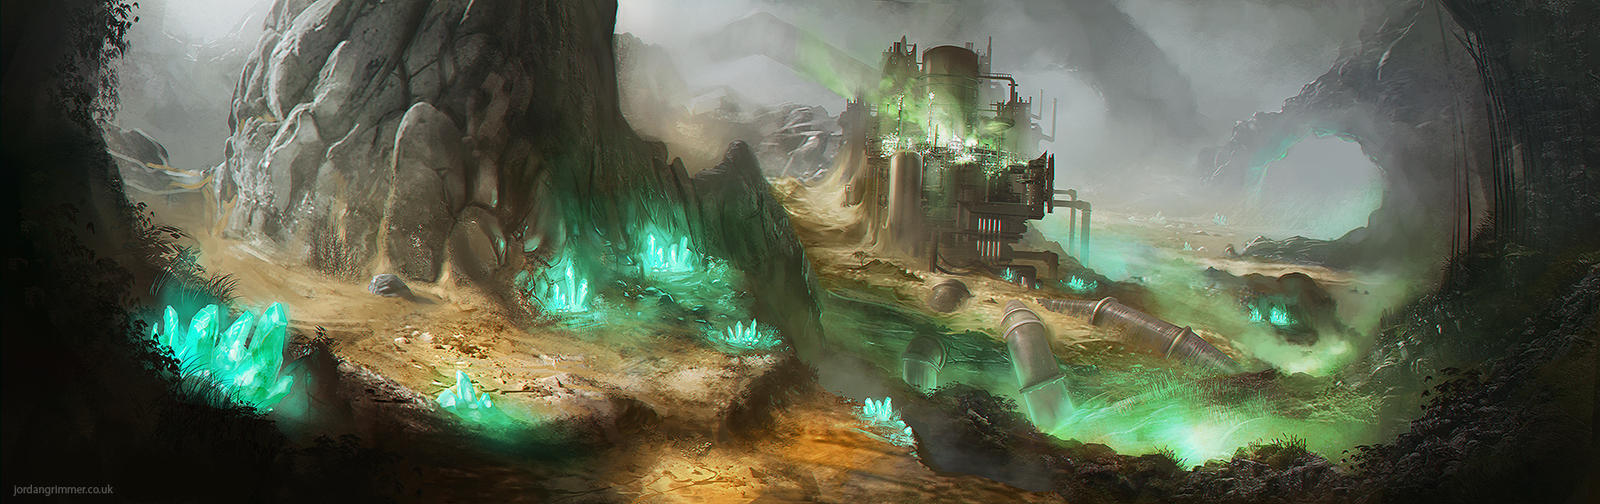 Il Walhalla Nibelheim_reactor_by_jordangrimmer-d6dxt02